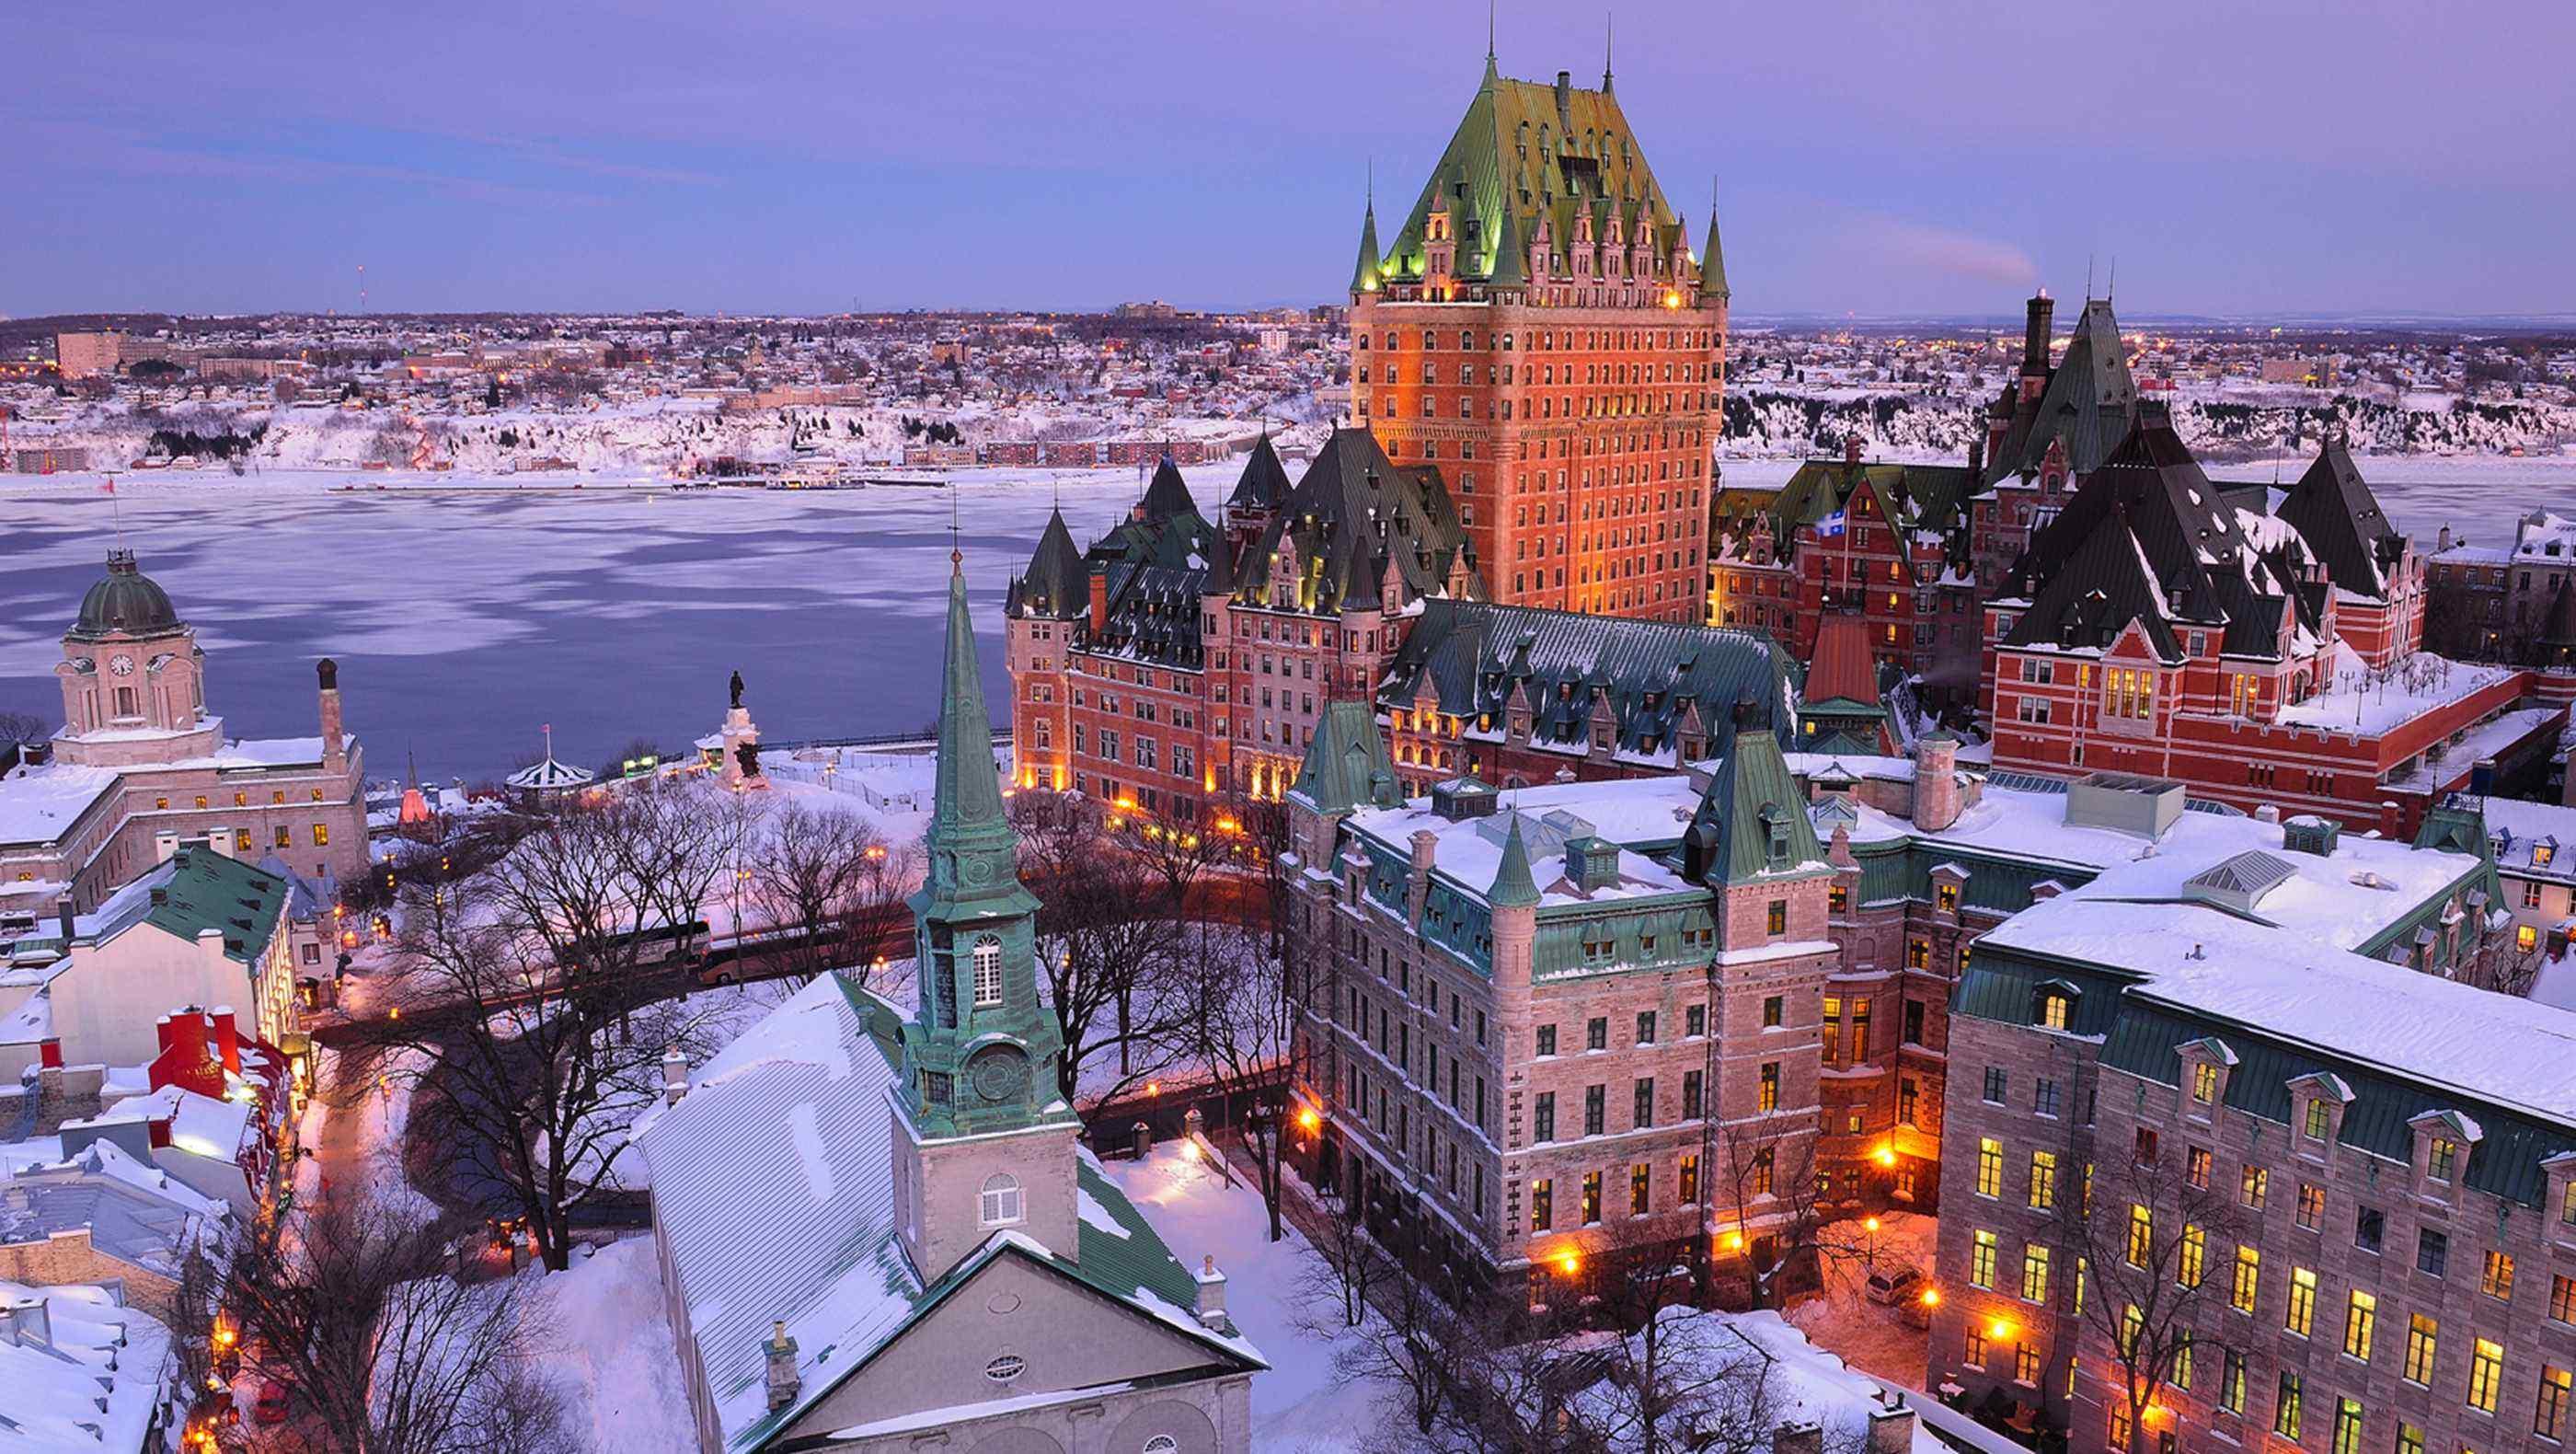 加拿大魁北克留学